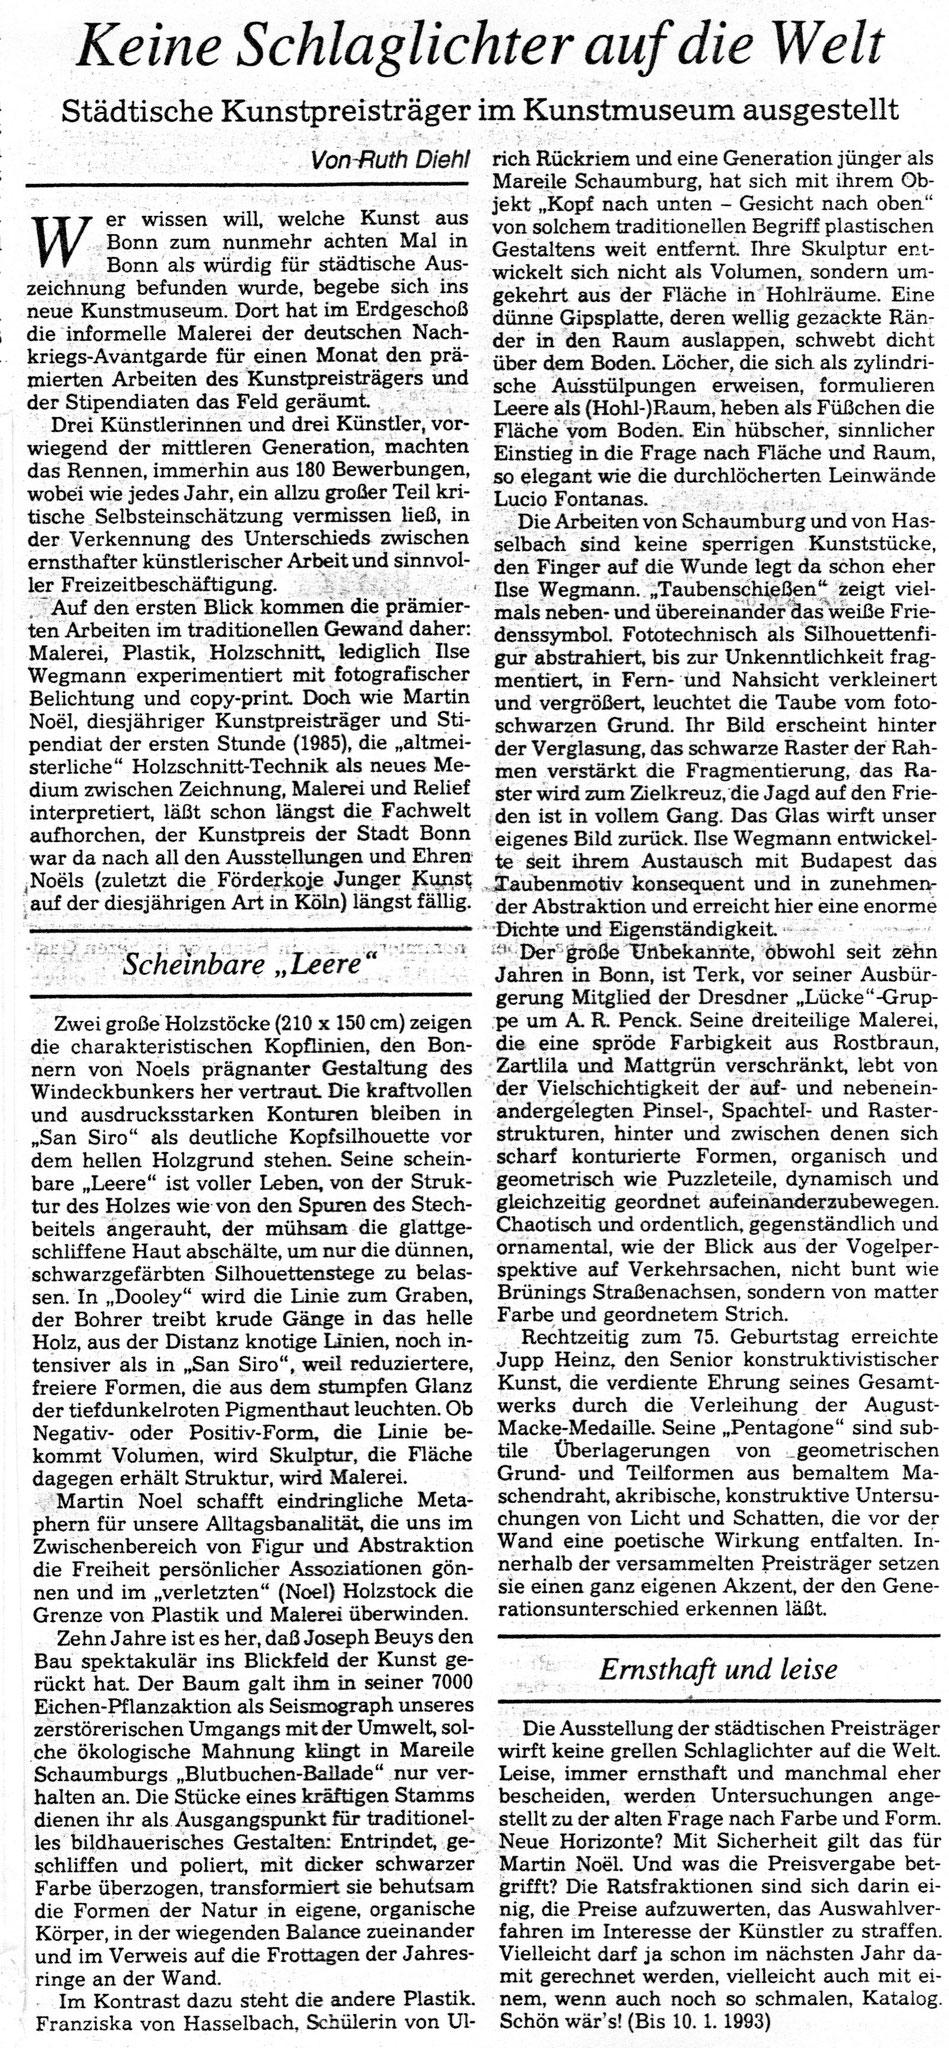 Bonn, General-Anzeiger 1993